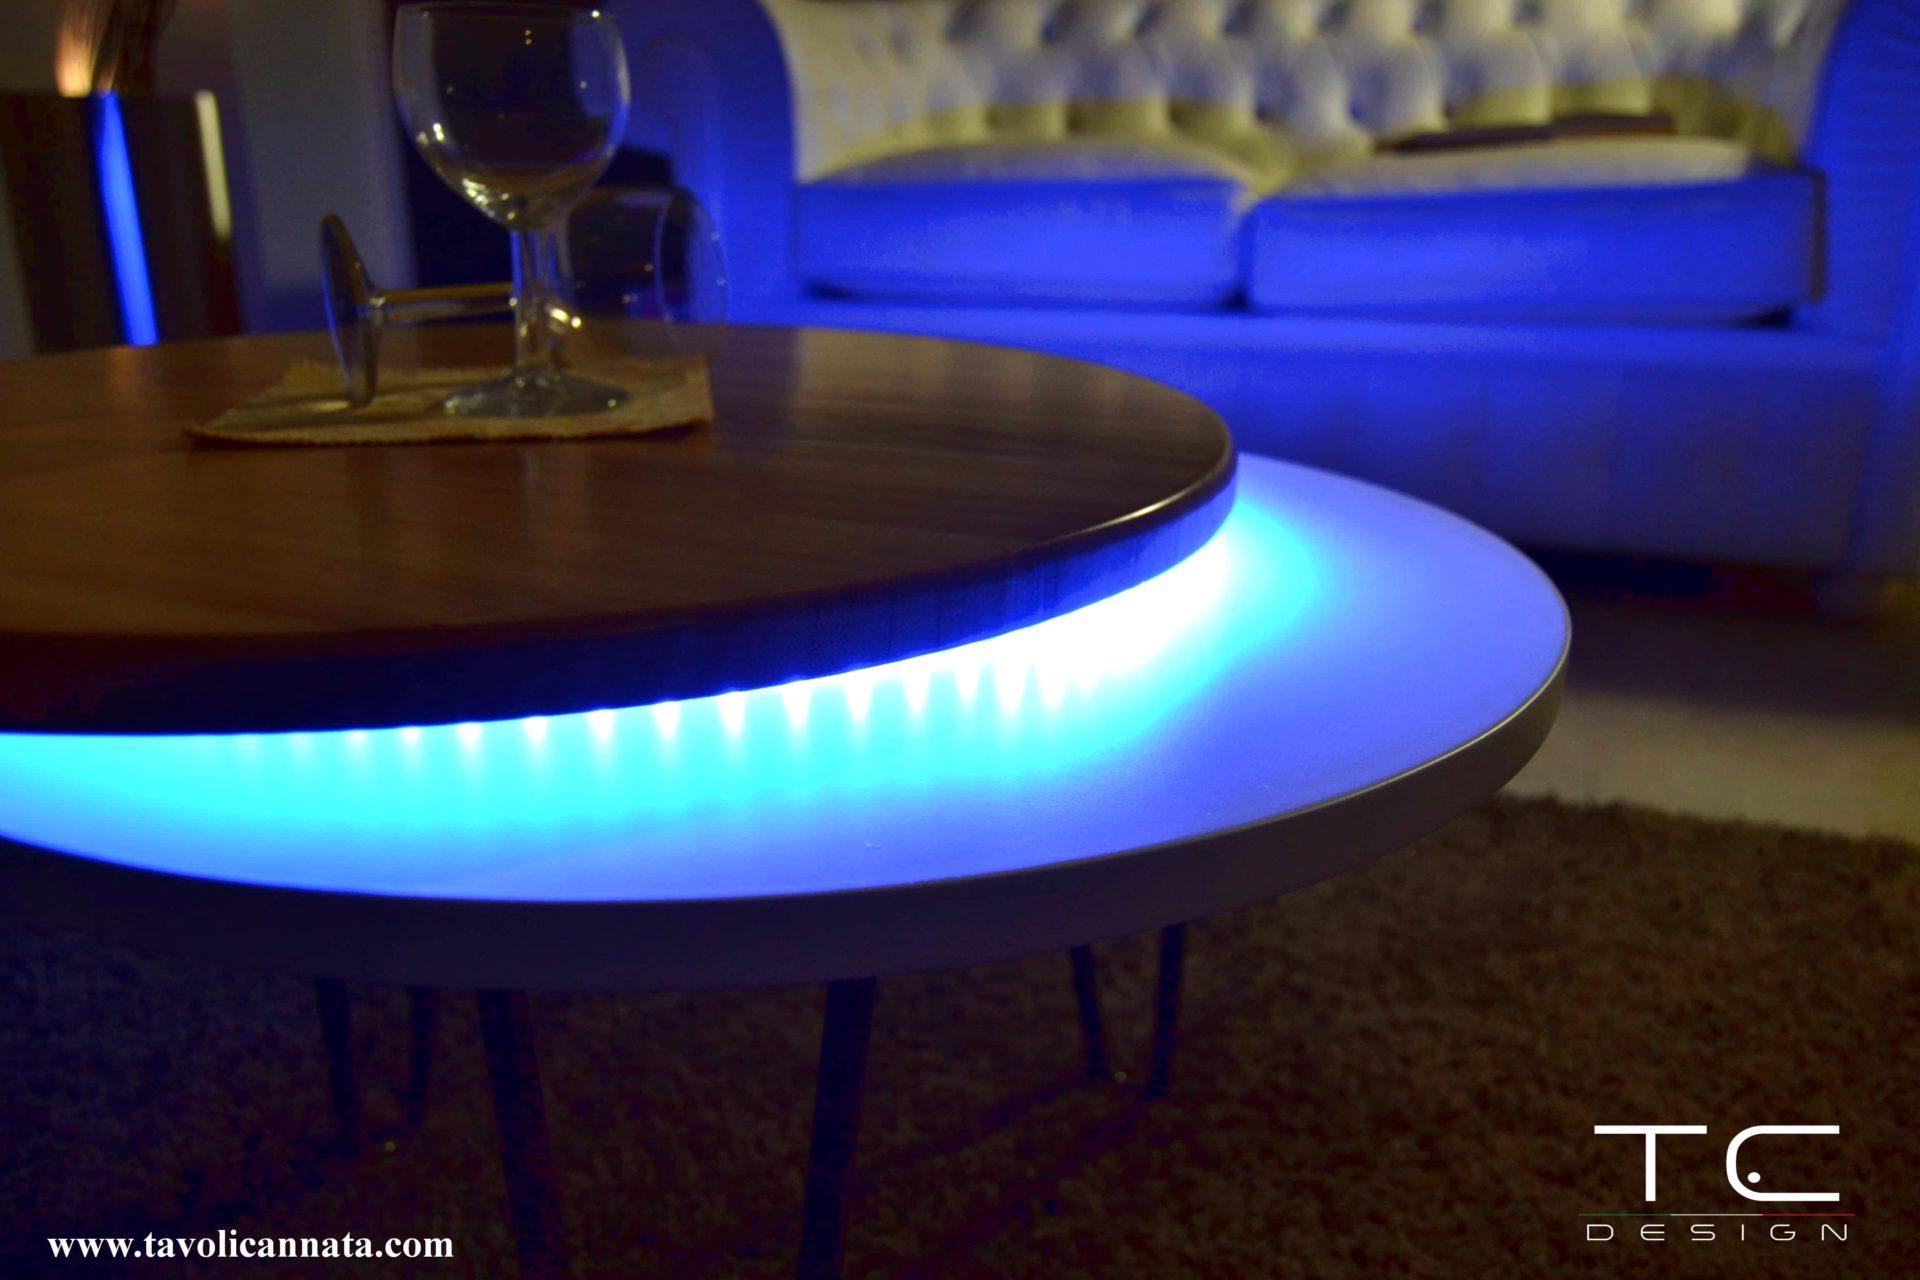 Tavolini Da Salotto Particolari Di Design Tavolini Cannata